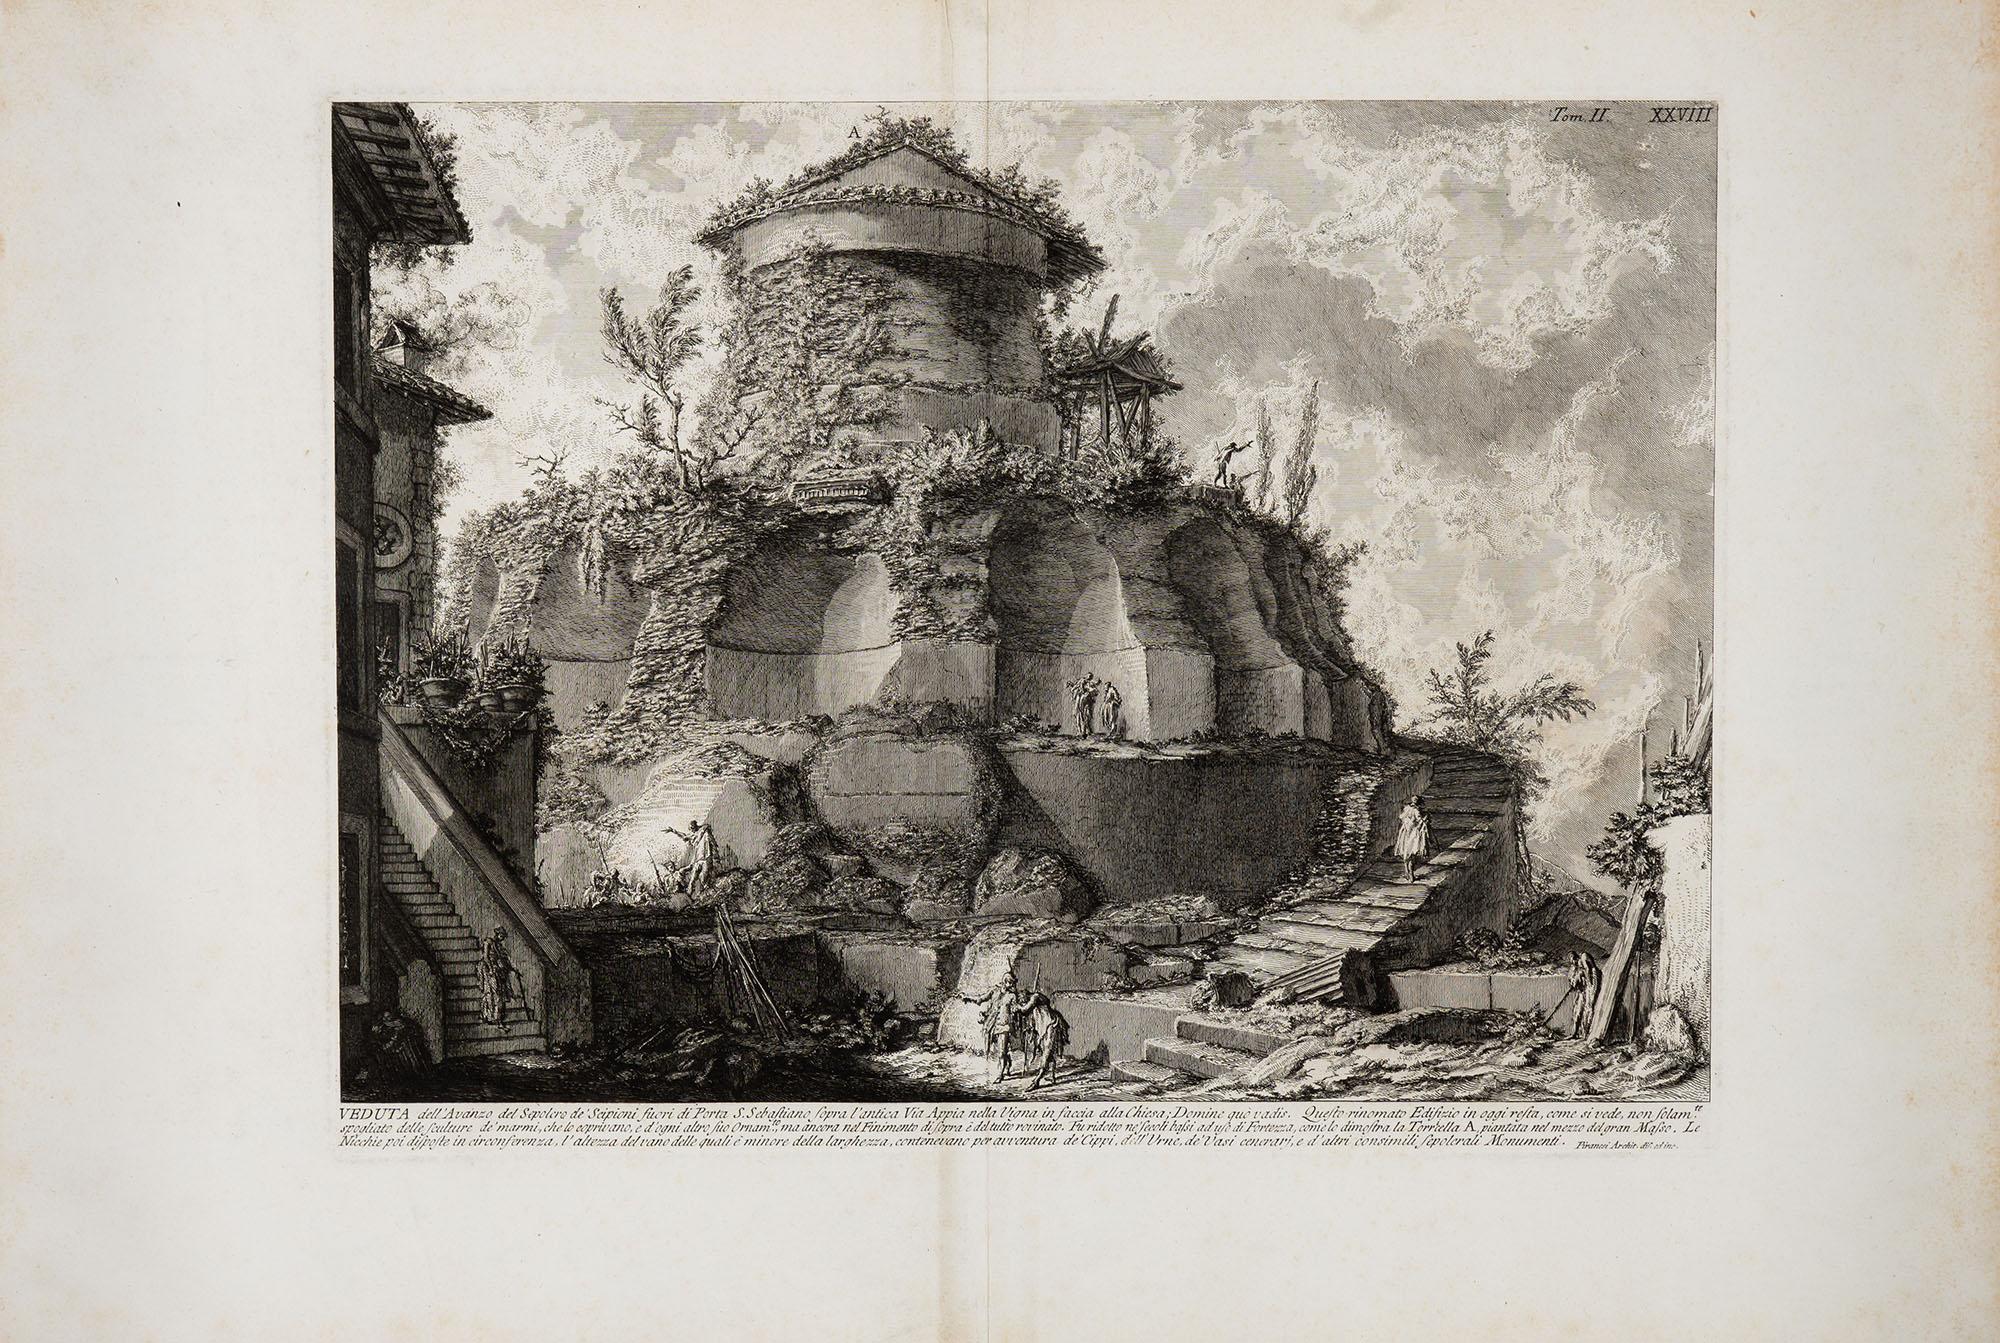 27. Veduta dell'Avanzo del Sepolcro de' Scipioni fuori di Porta S. Sebastiano